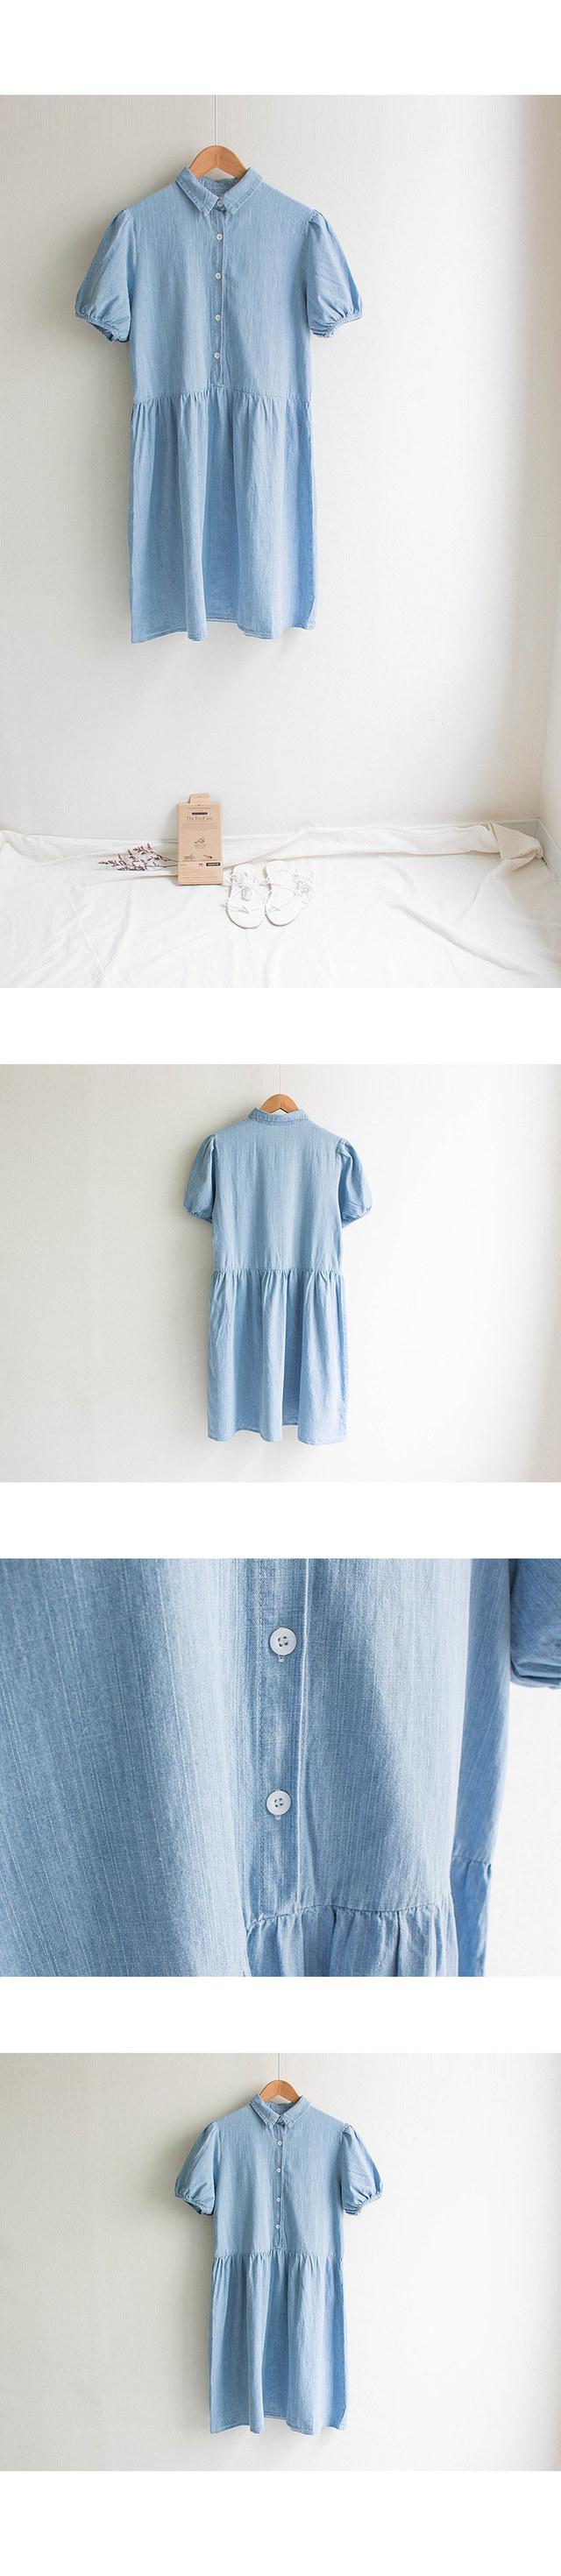 Girls collar button denim dress